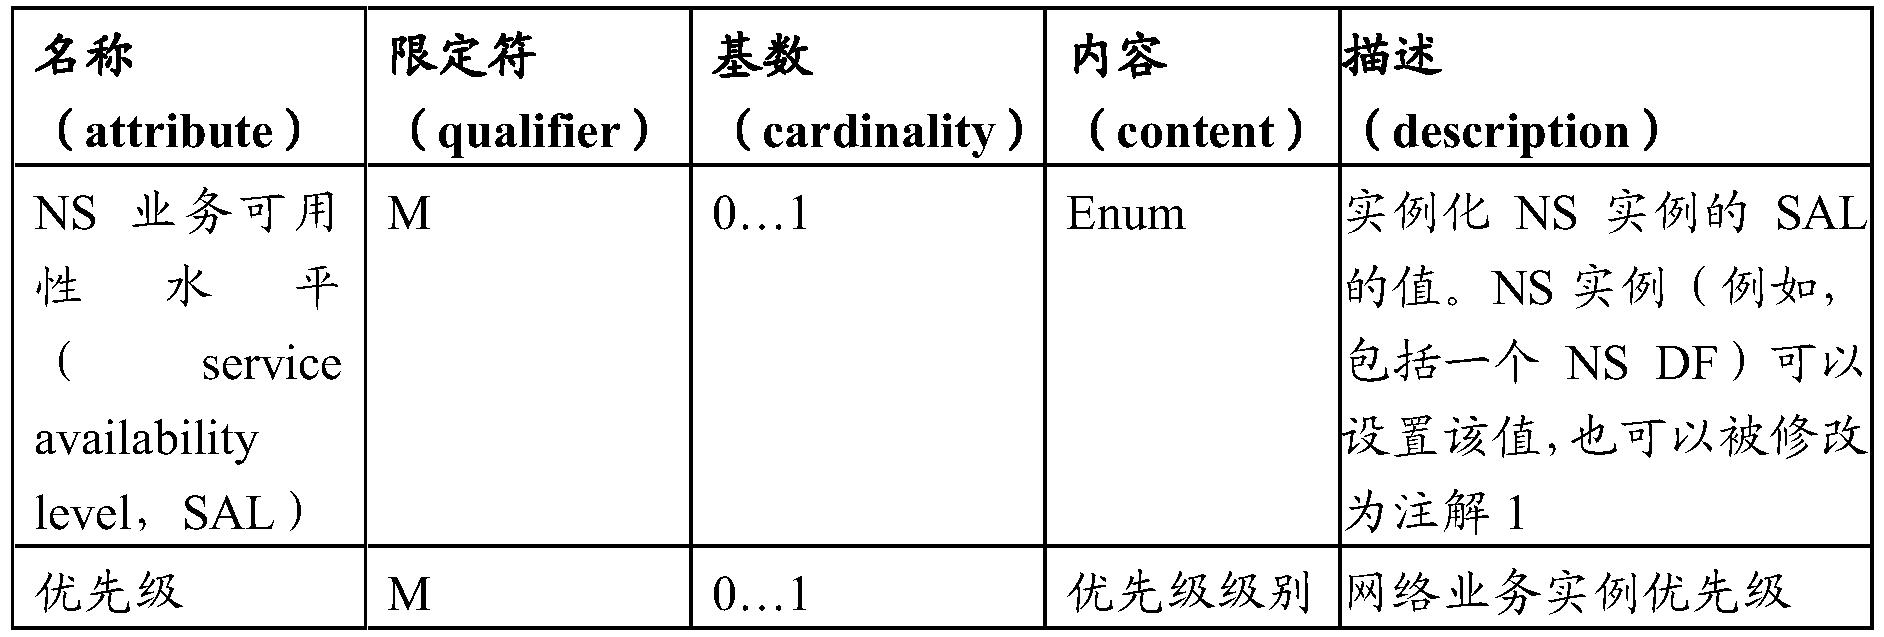 Figure PCTCN2018079150-appb-000006